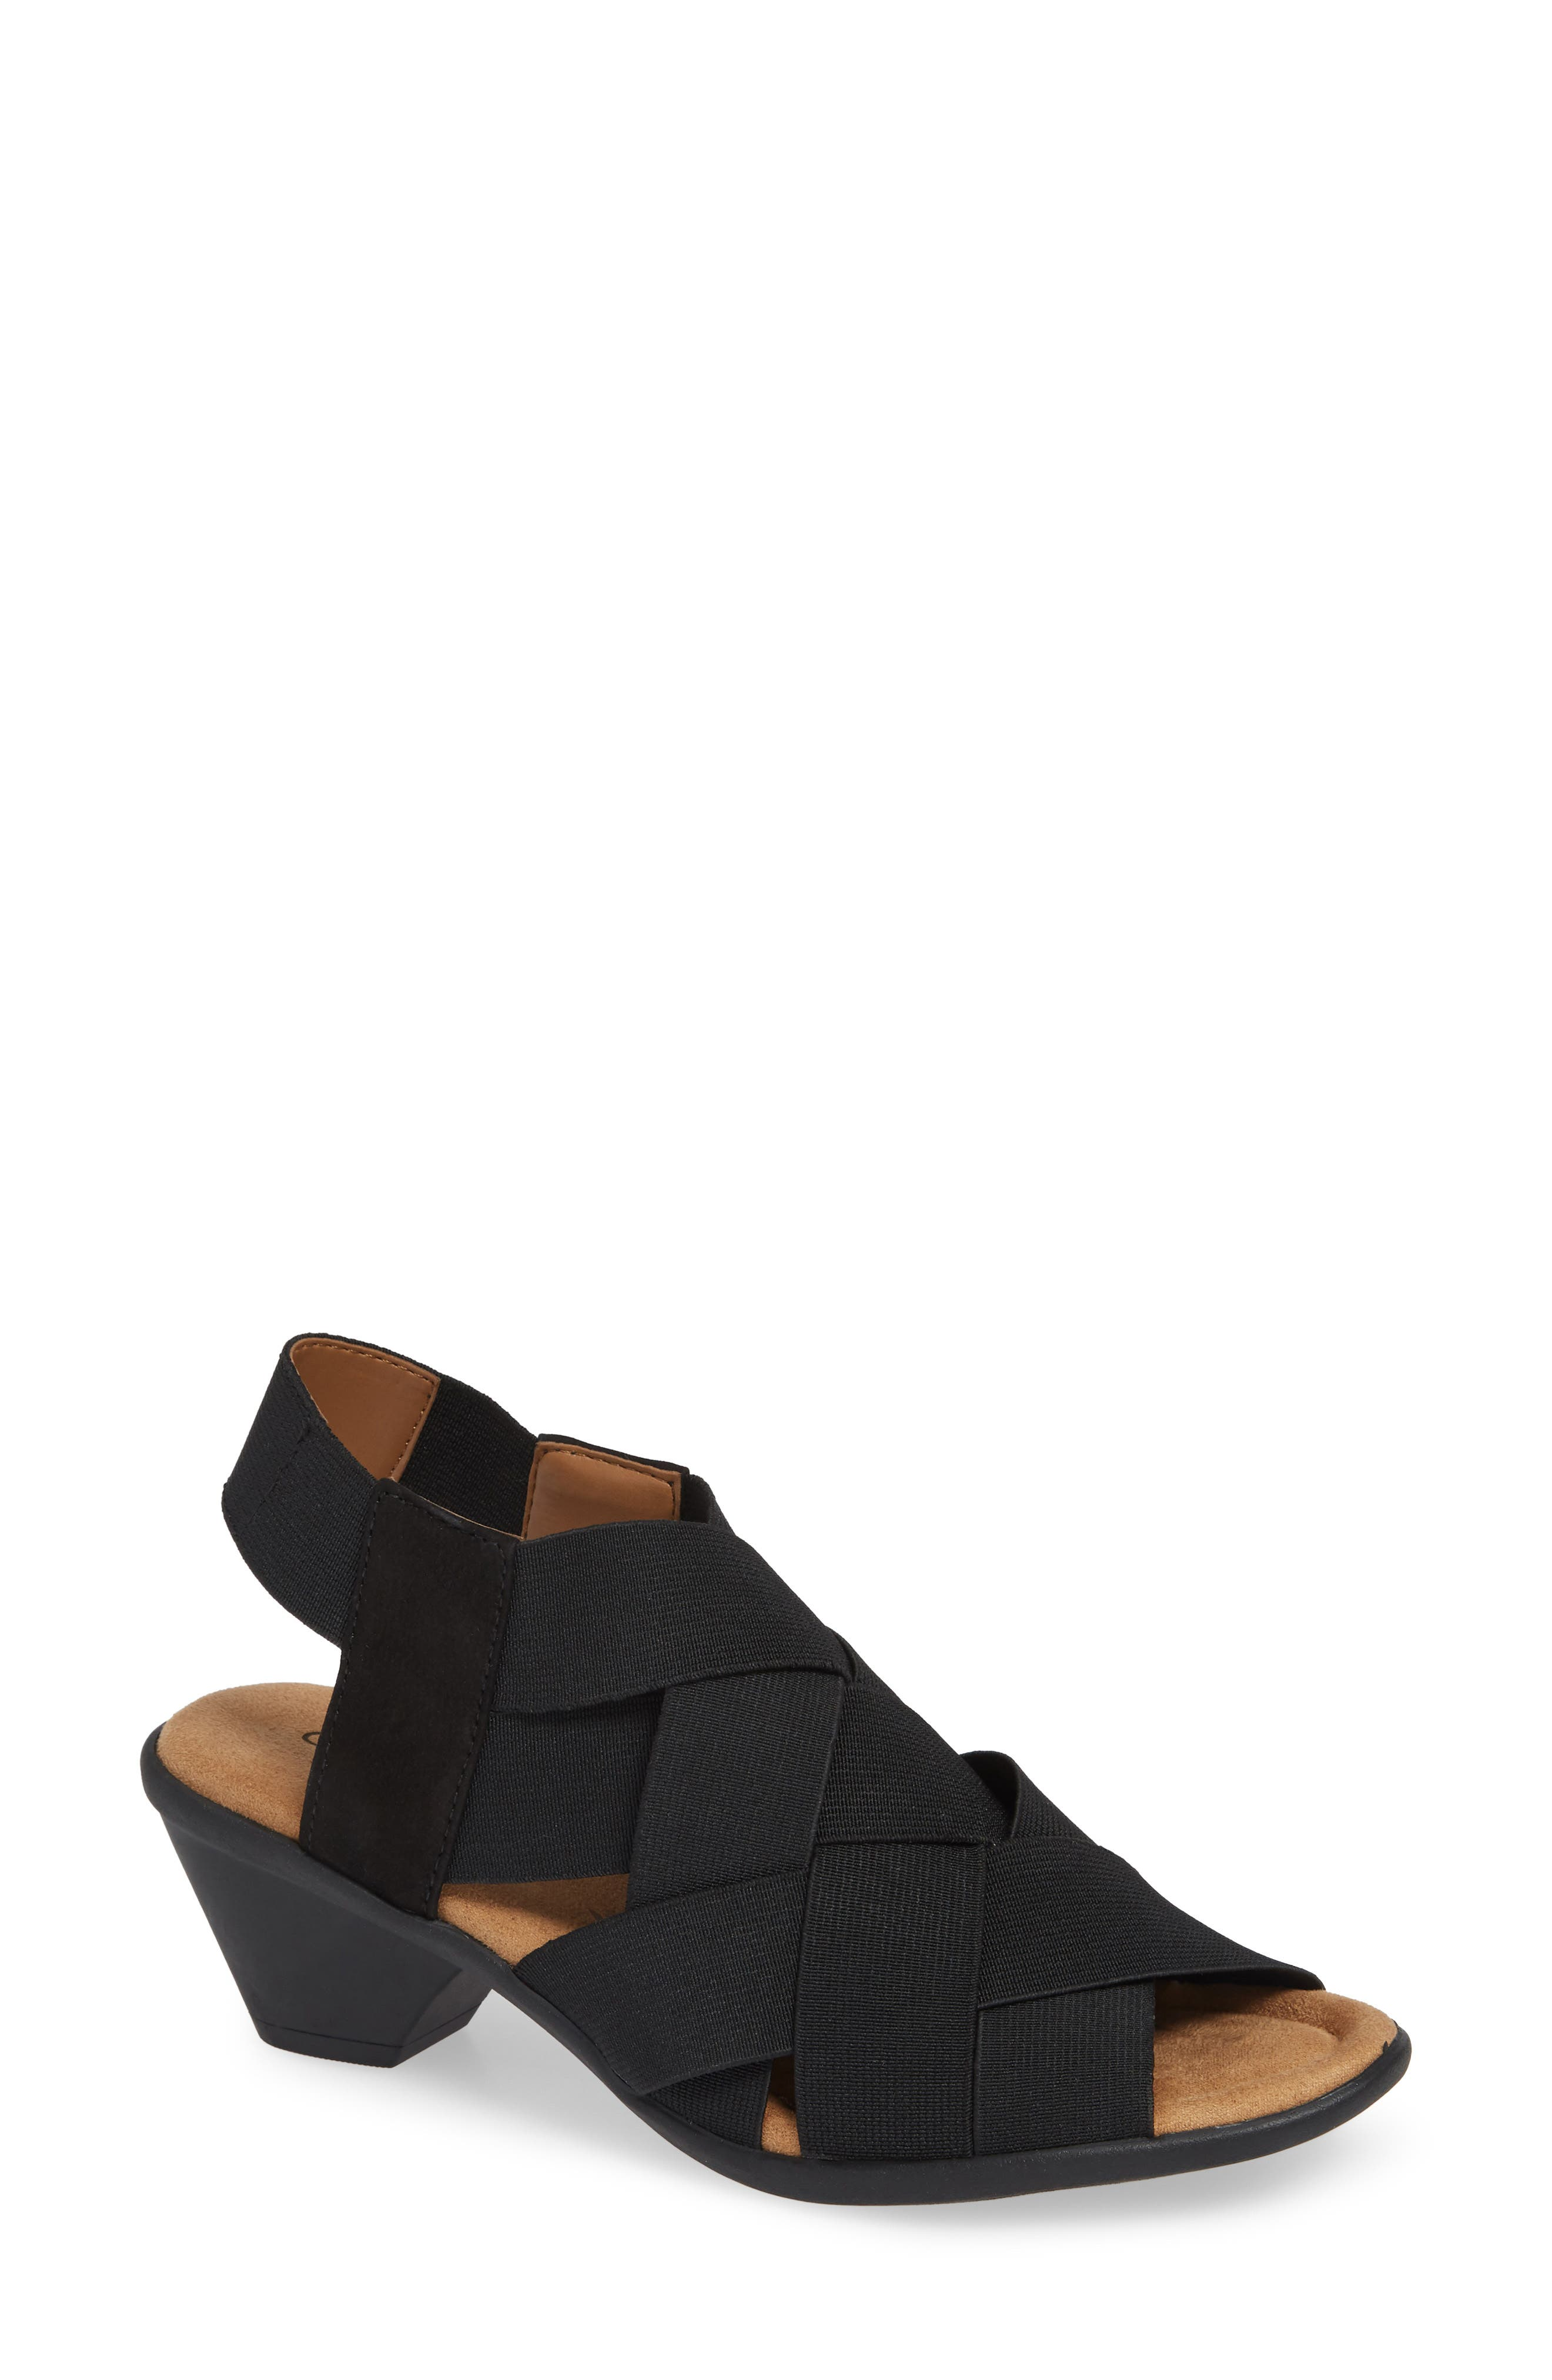 Farrow Woven Slingback Sandal